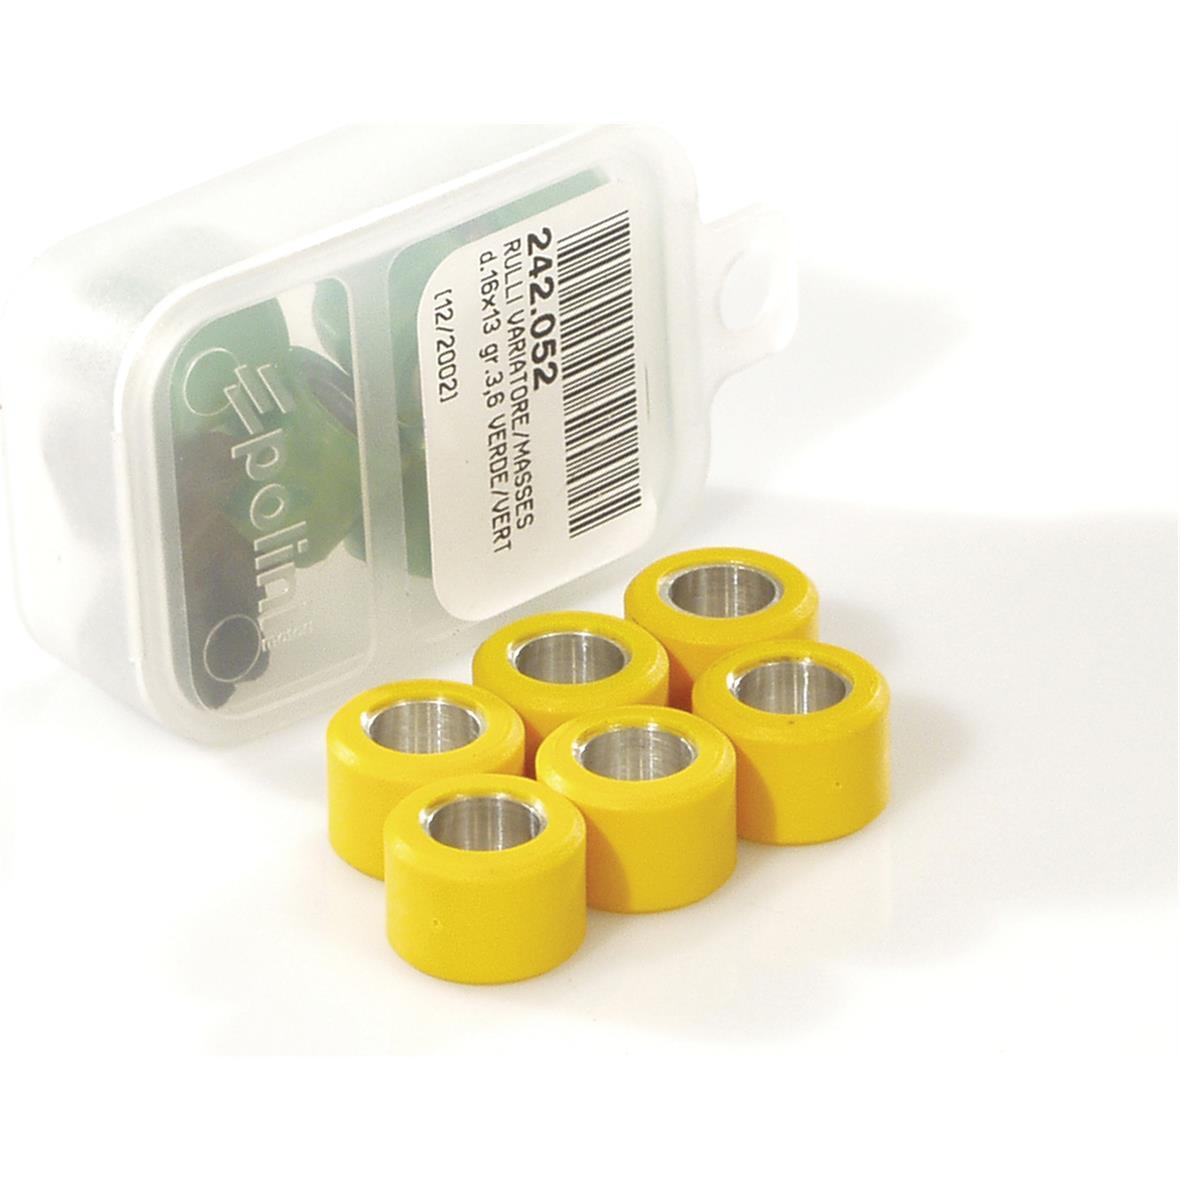 Image du produit 'Rouleaux de variateur POLINI 17x12 mm 4,4g'